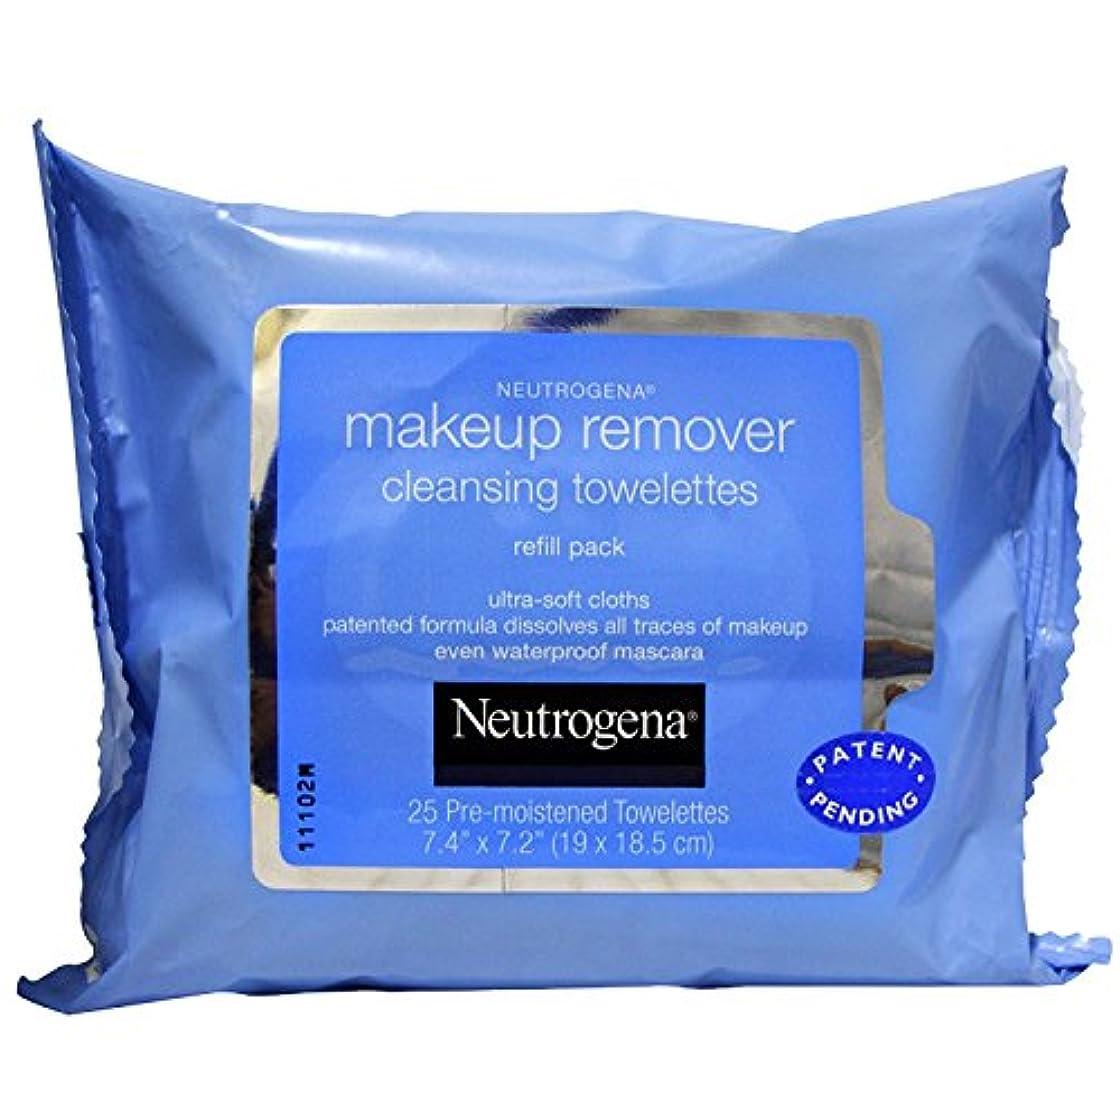 パキスタン人余裕があるストローNEUTROGENA Makeup Remover Cleansing Towelettes Refill Pack - 25 Count - 25 Towelettes